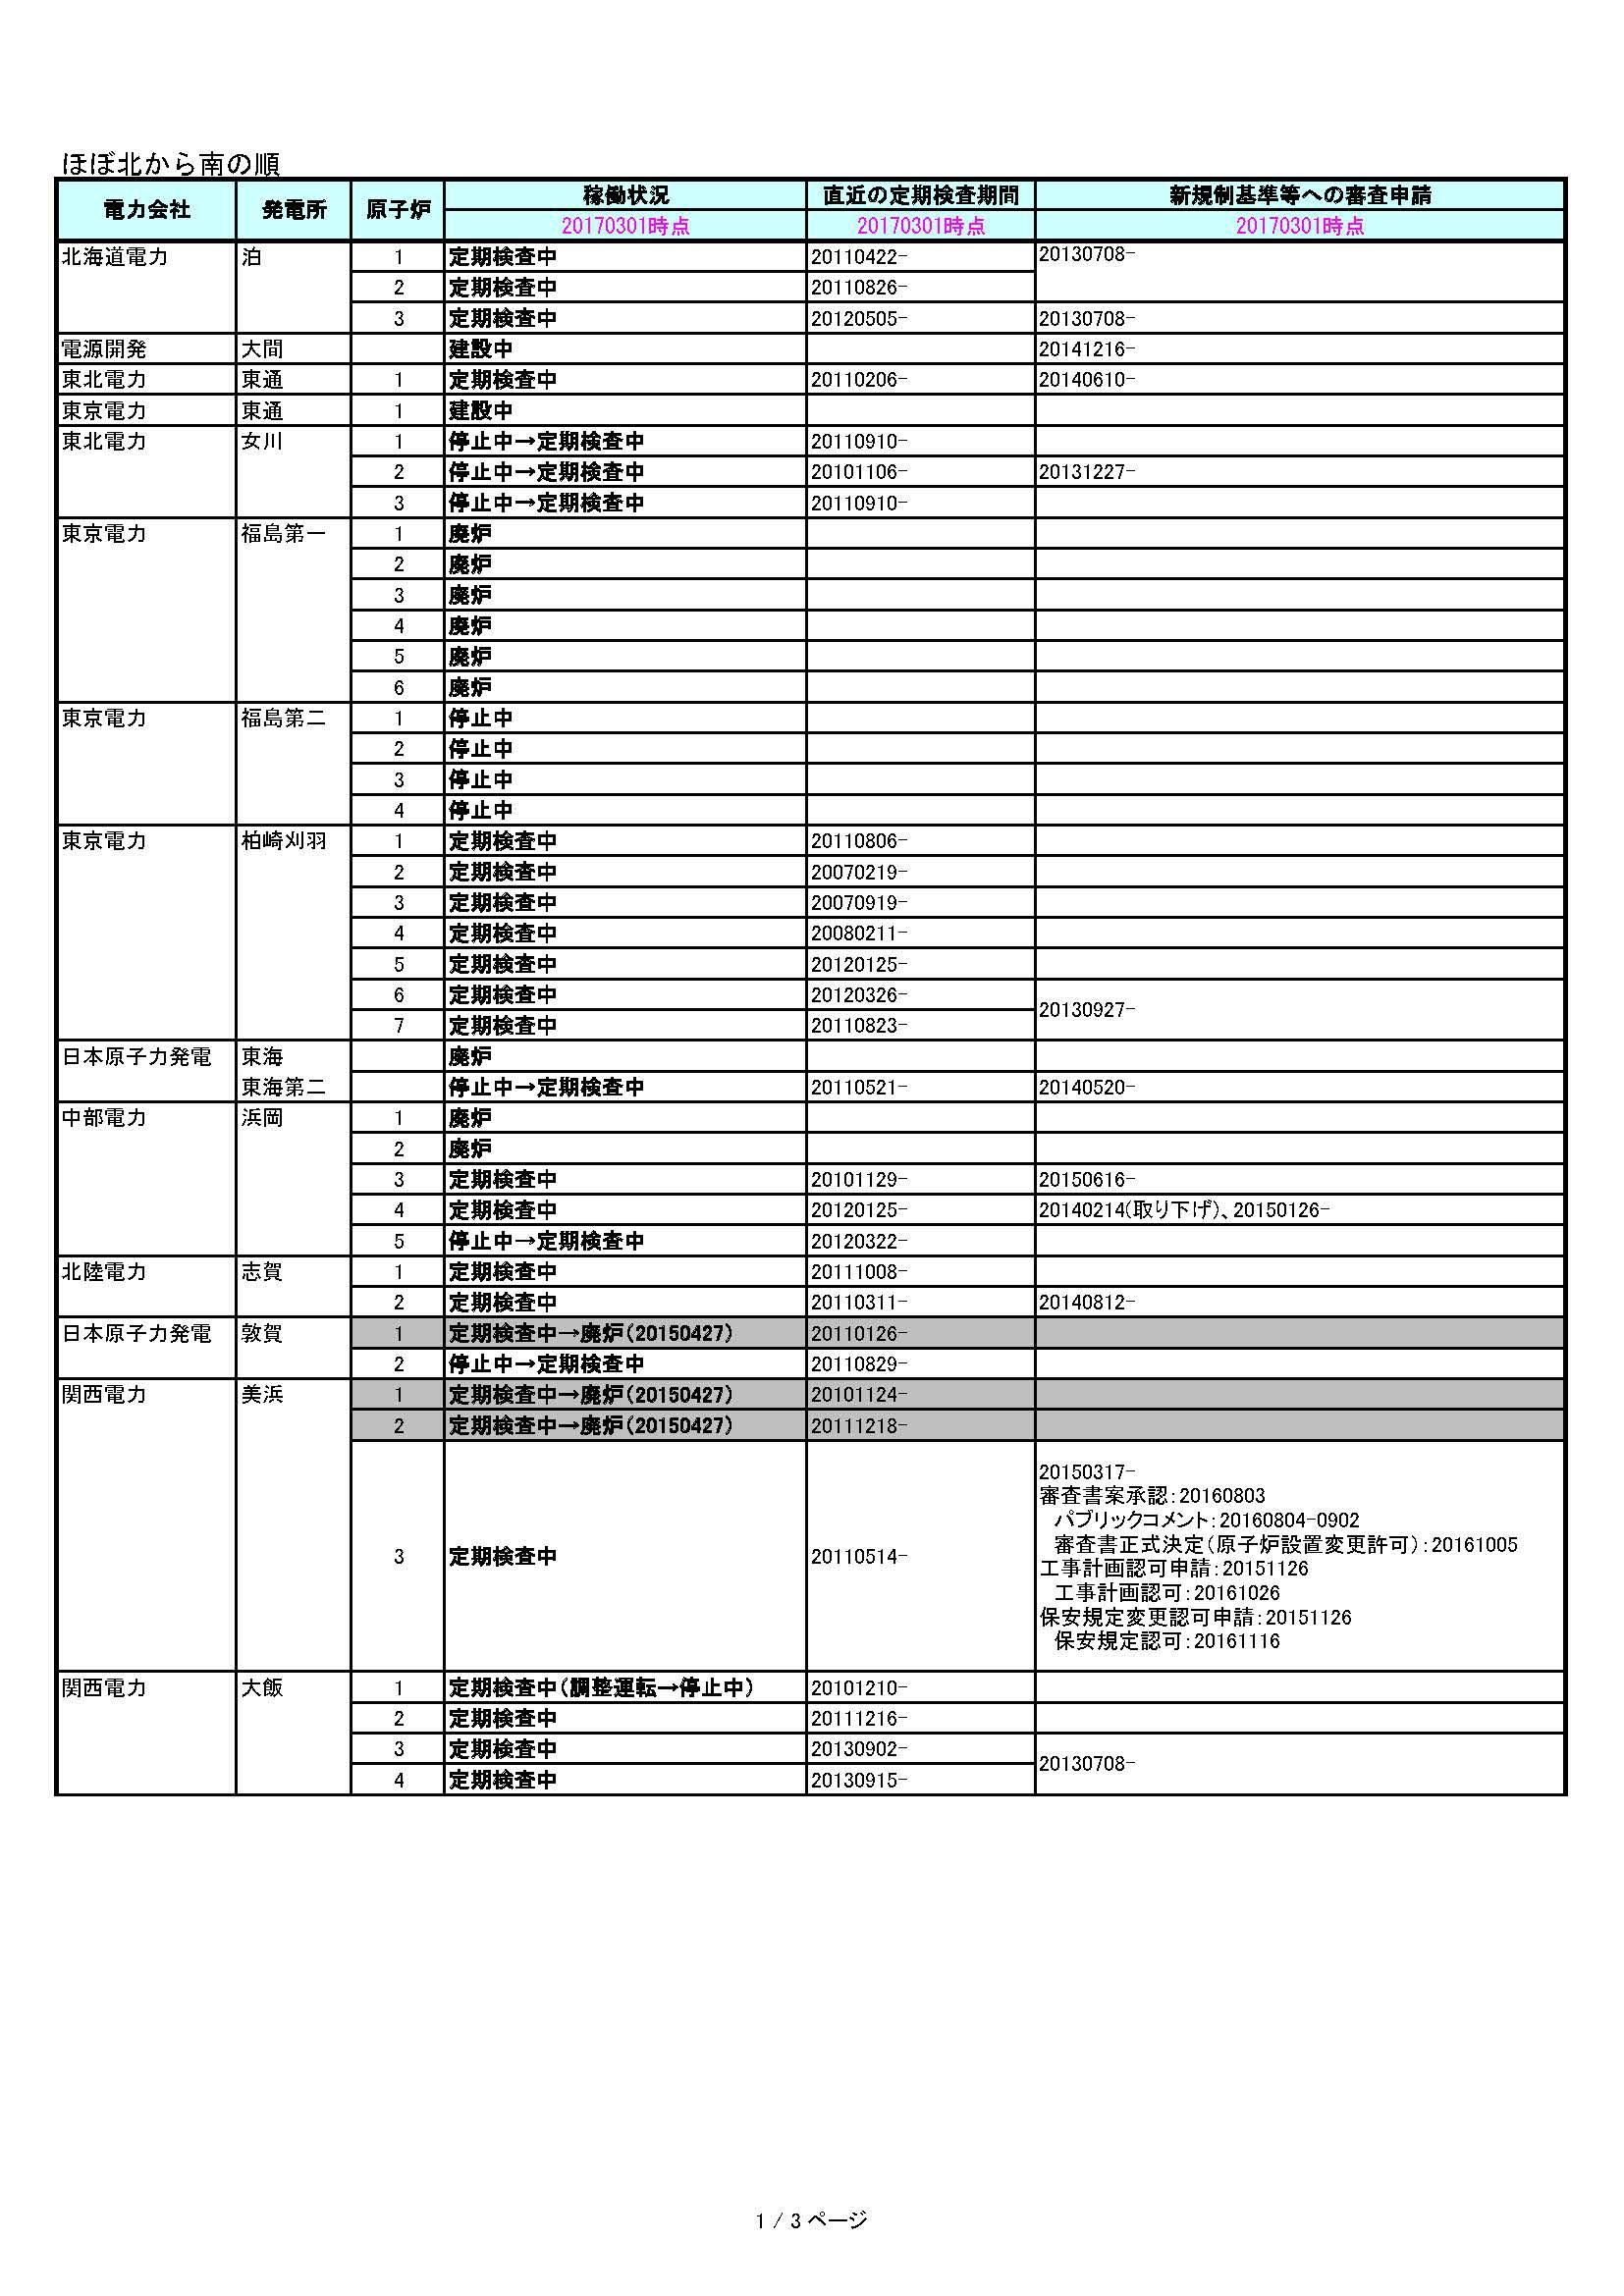 資料:原子力発電所稼働状況(2017/3/1時点) | 原子力資料情報室(CNIC)